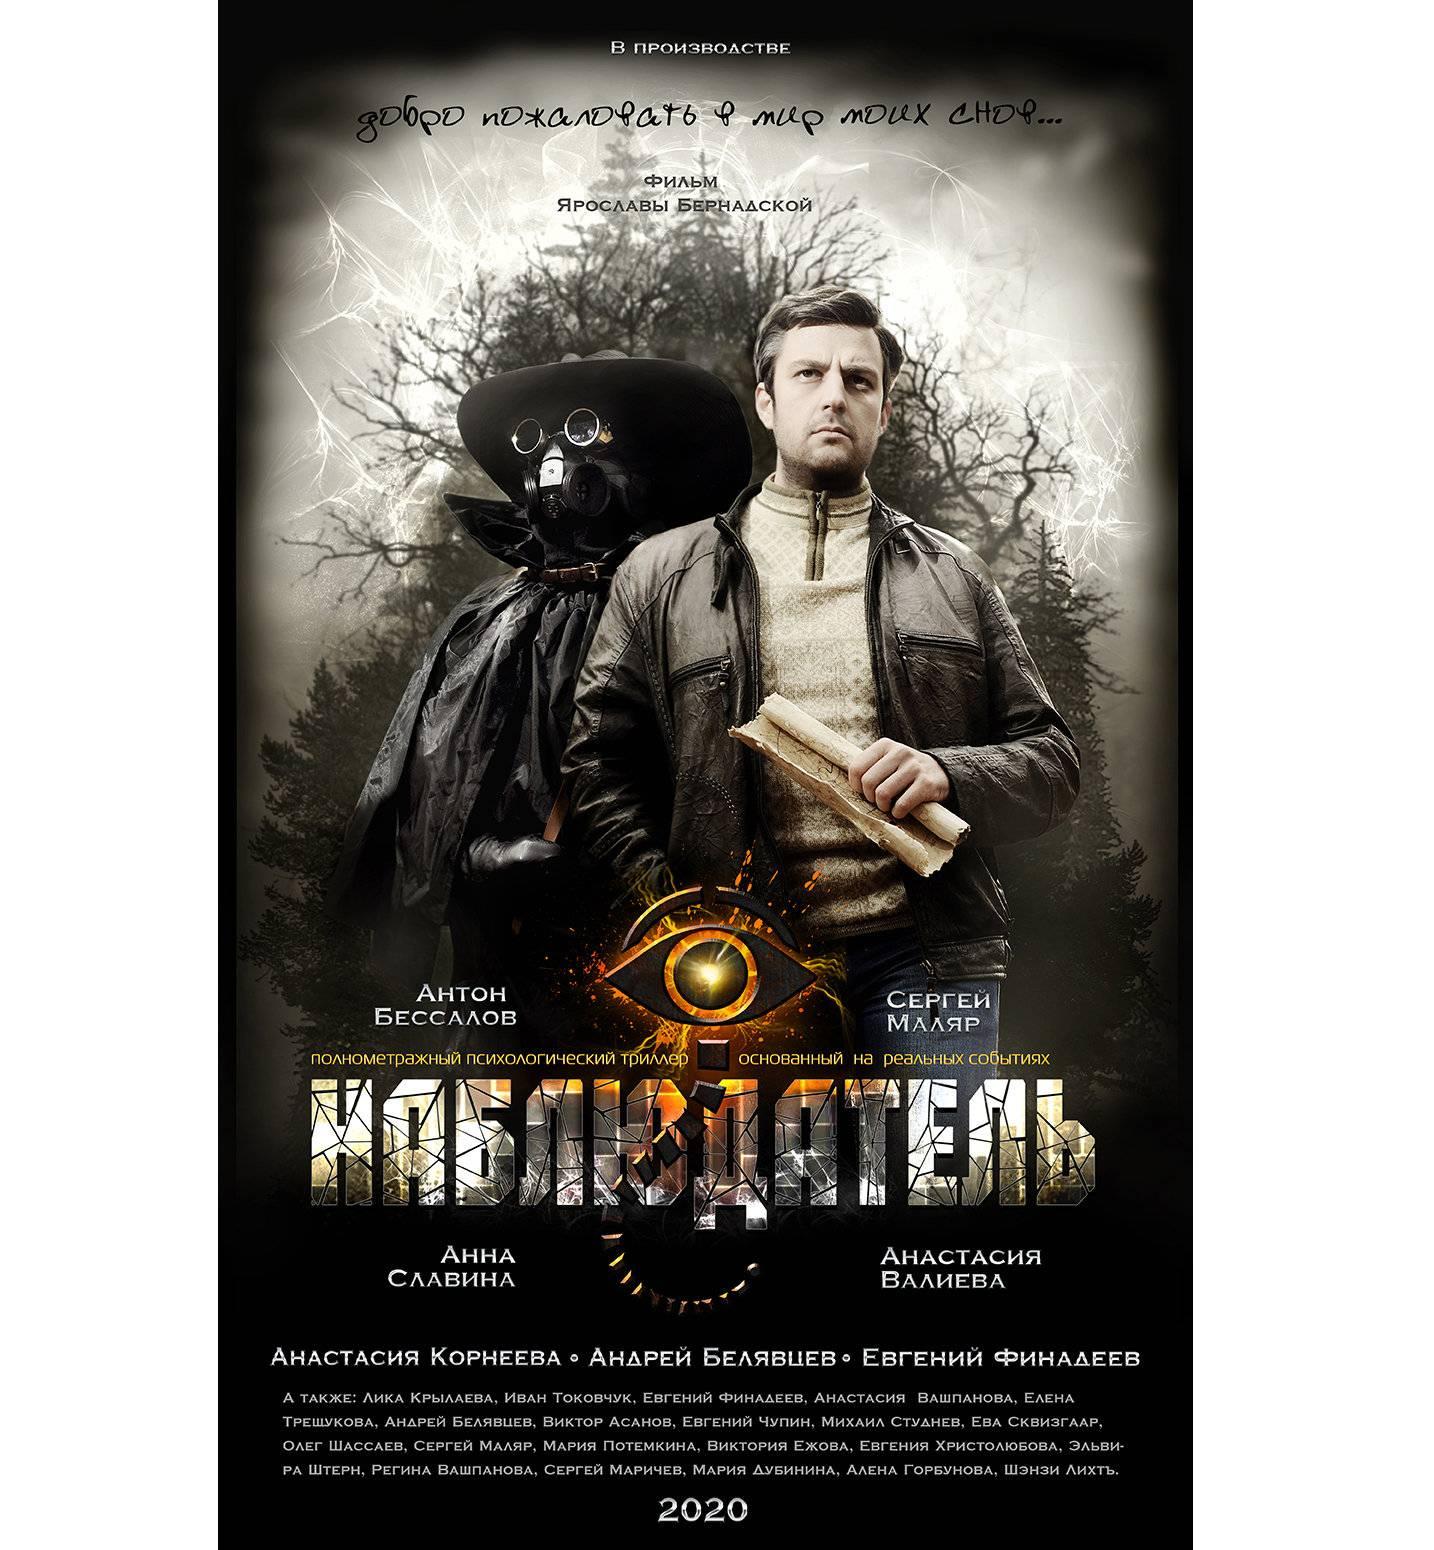 Сюрреалистический триллер «Наблюдатель»: станьте частью независимого проекта!